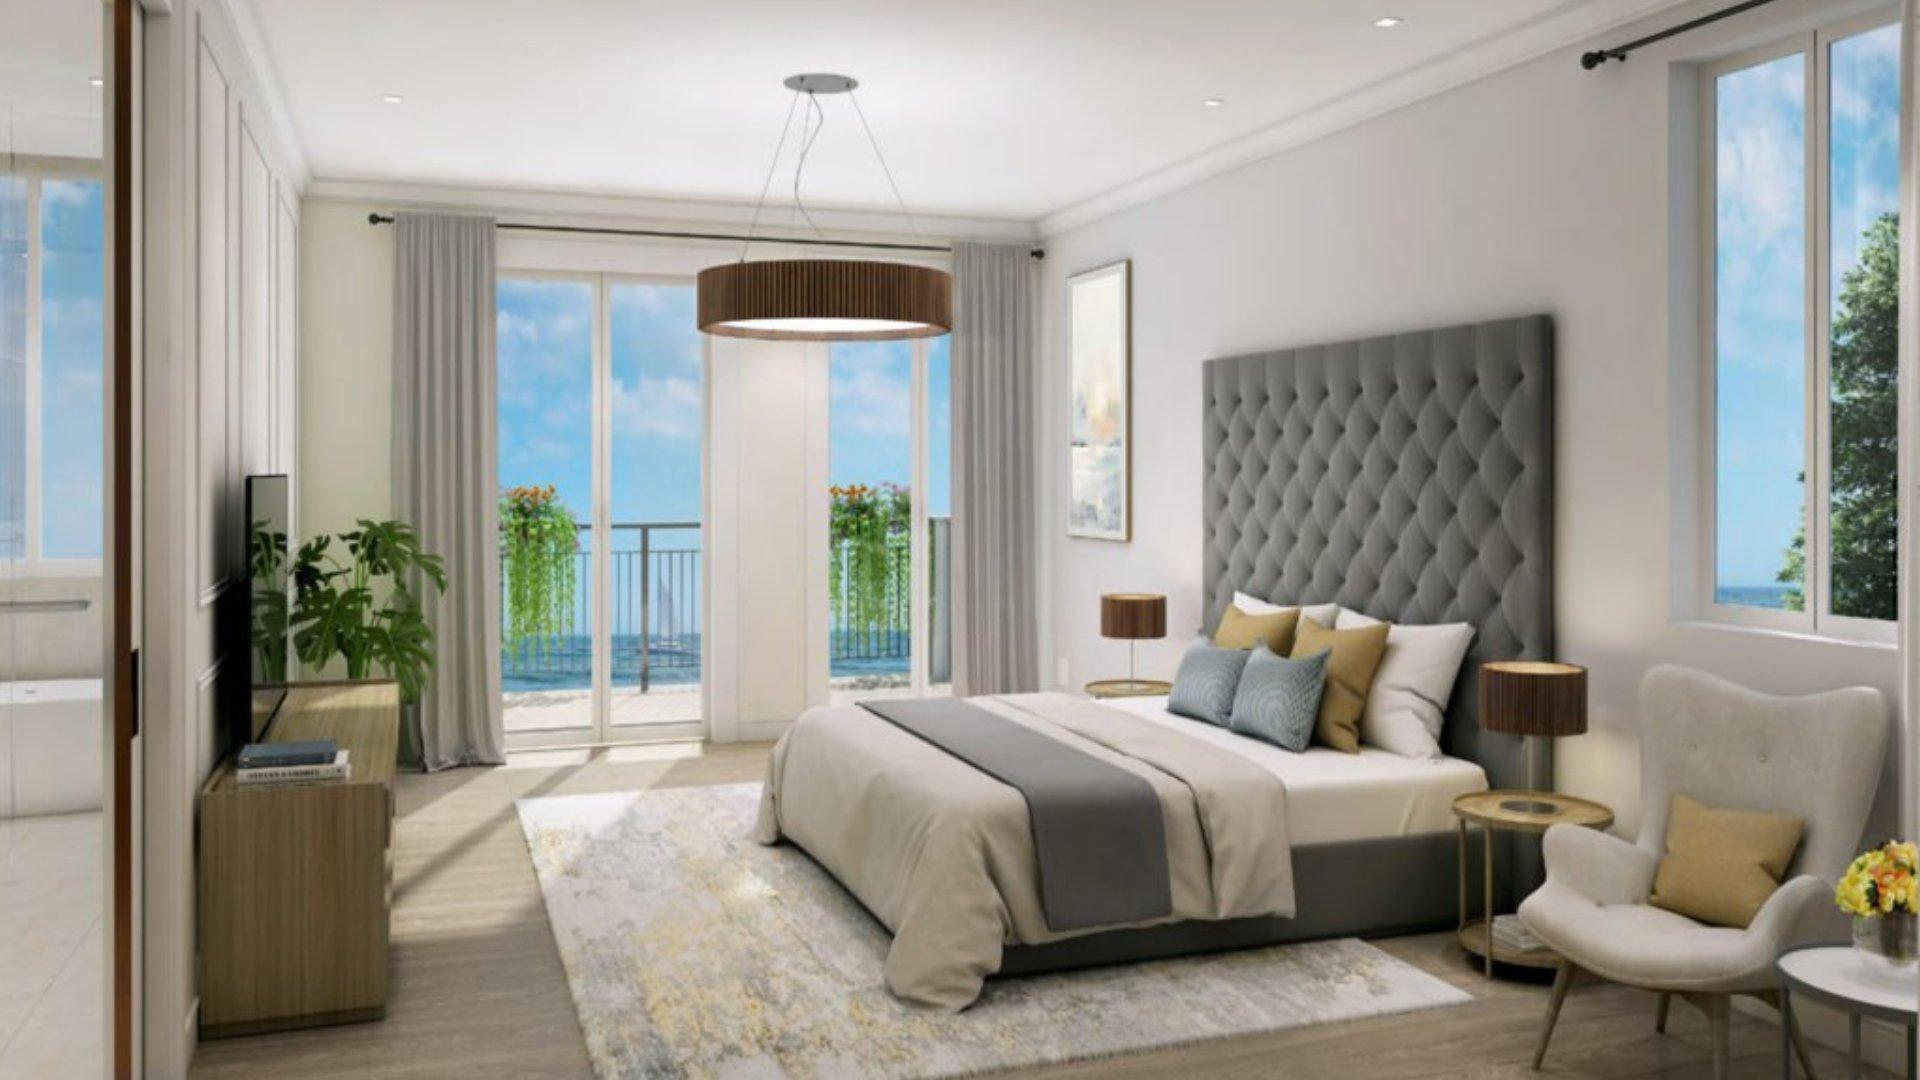 Adosado en venta en Dubai, EAU, 5 dormitorios, 634 m2, № 24332 – foto 3